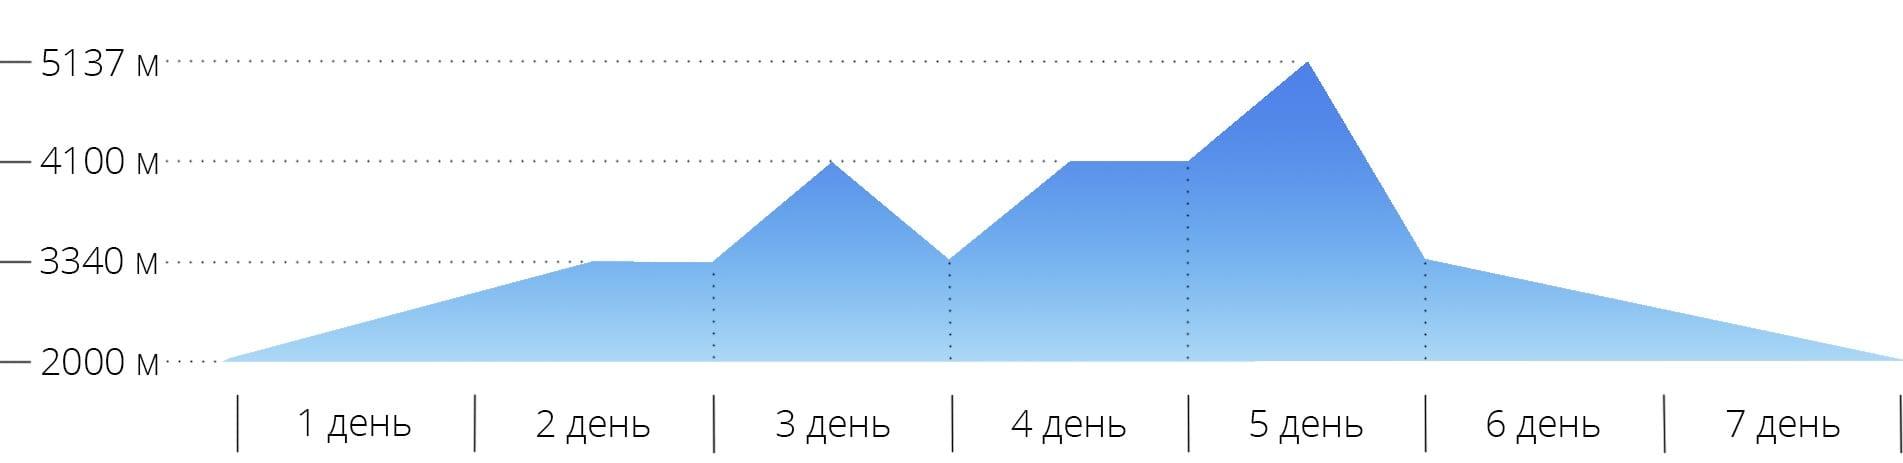 График с высотами для восхождения на гору Арарат по классическому маршруту в Турции